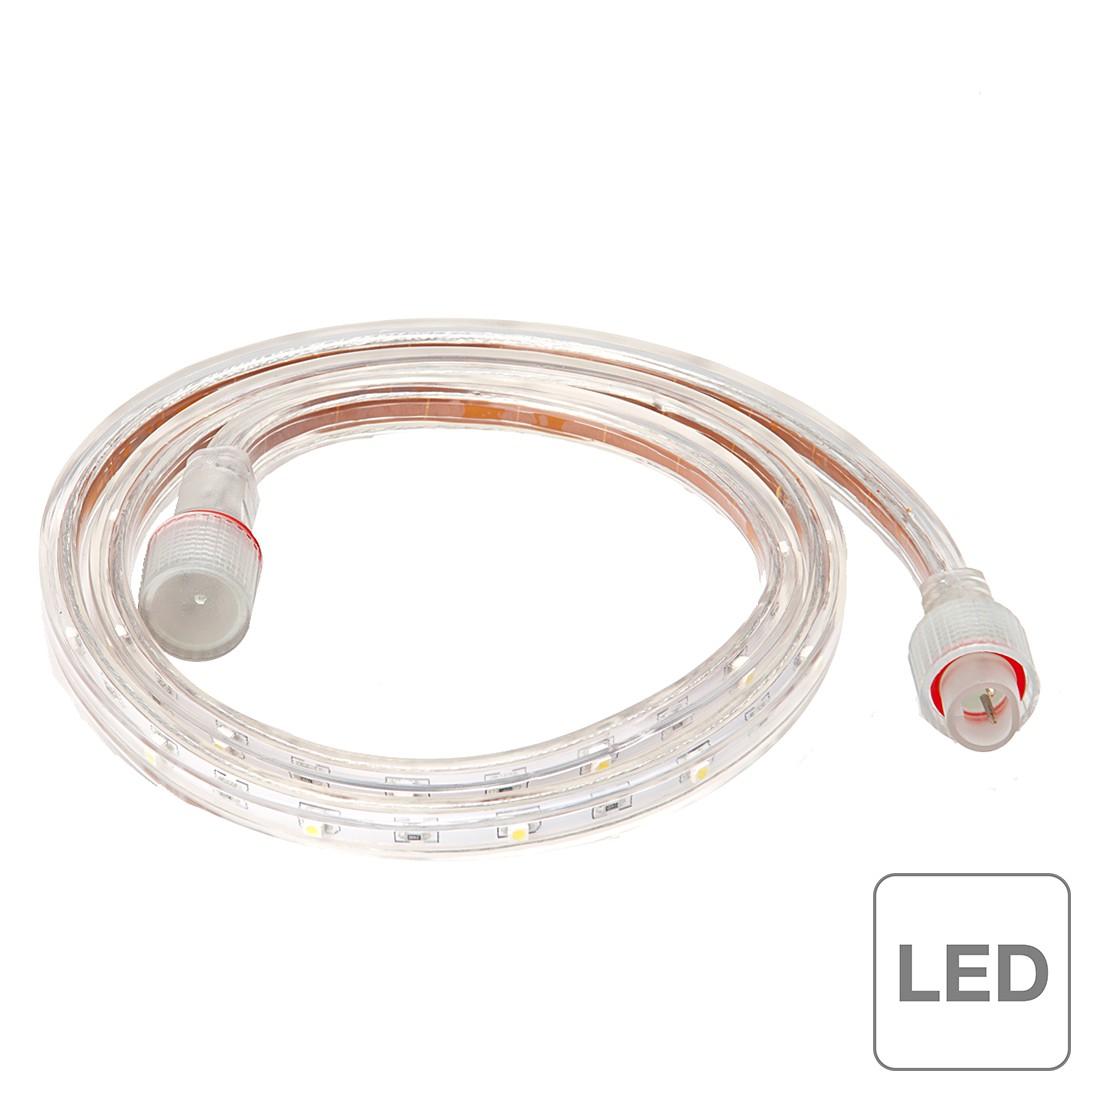 energie  A+, LED-slinger Darius - wit, Brilliant